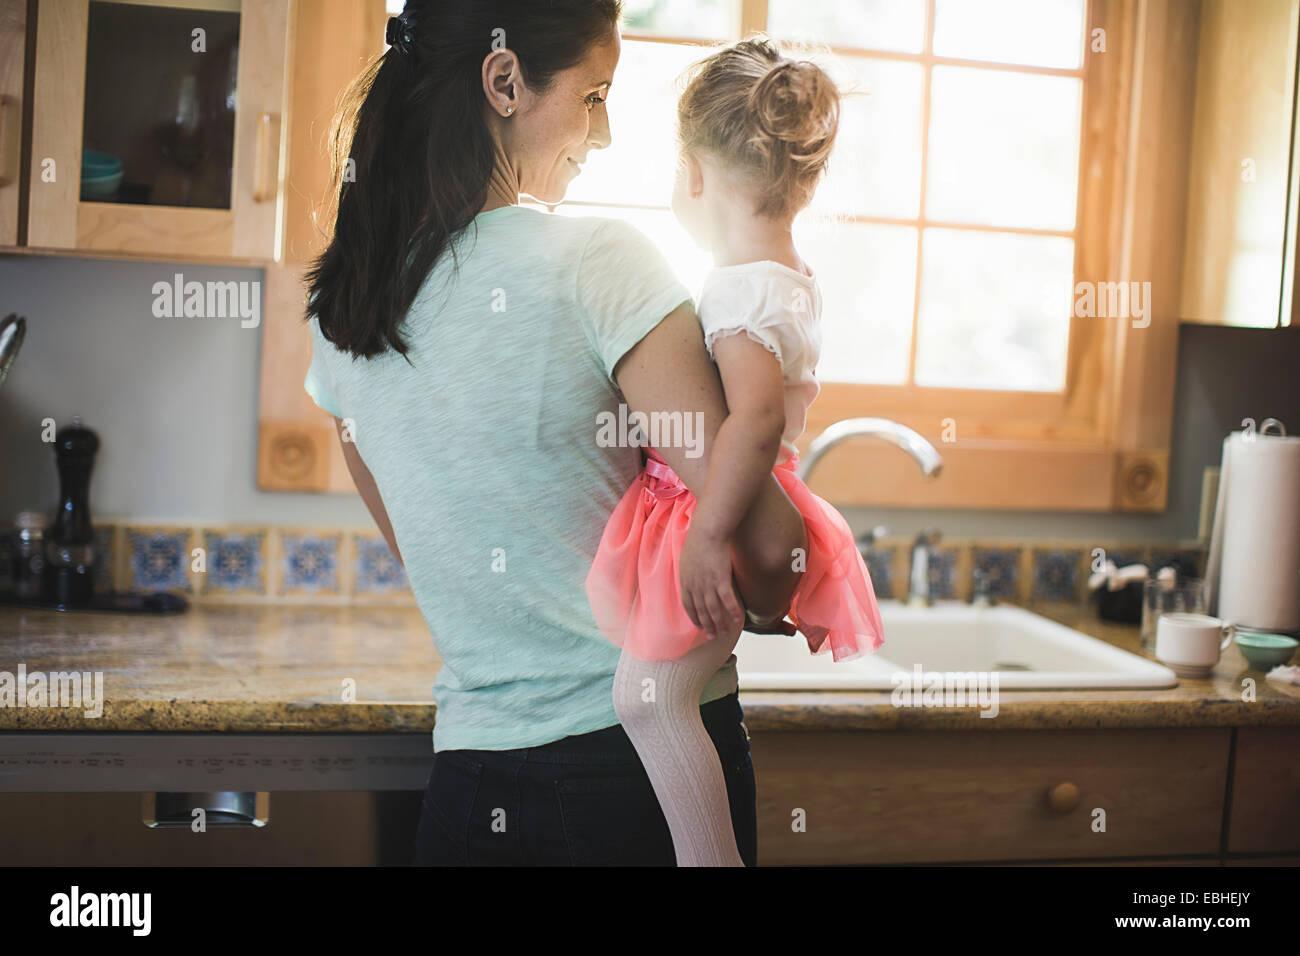 Mère et fille jouer dans la cuisine Photo Stock